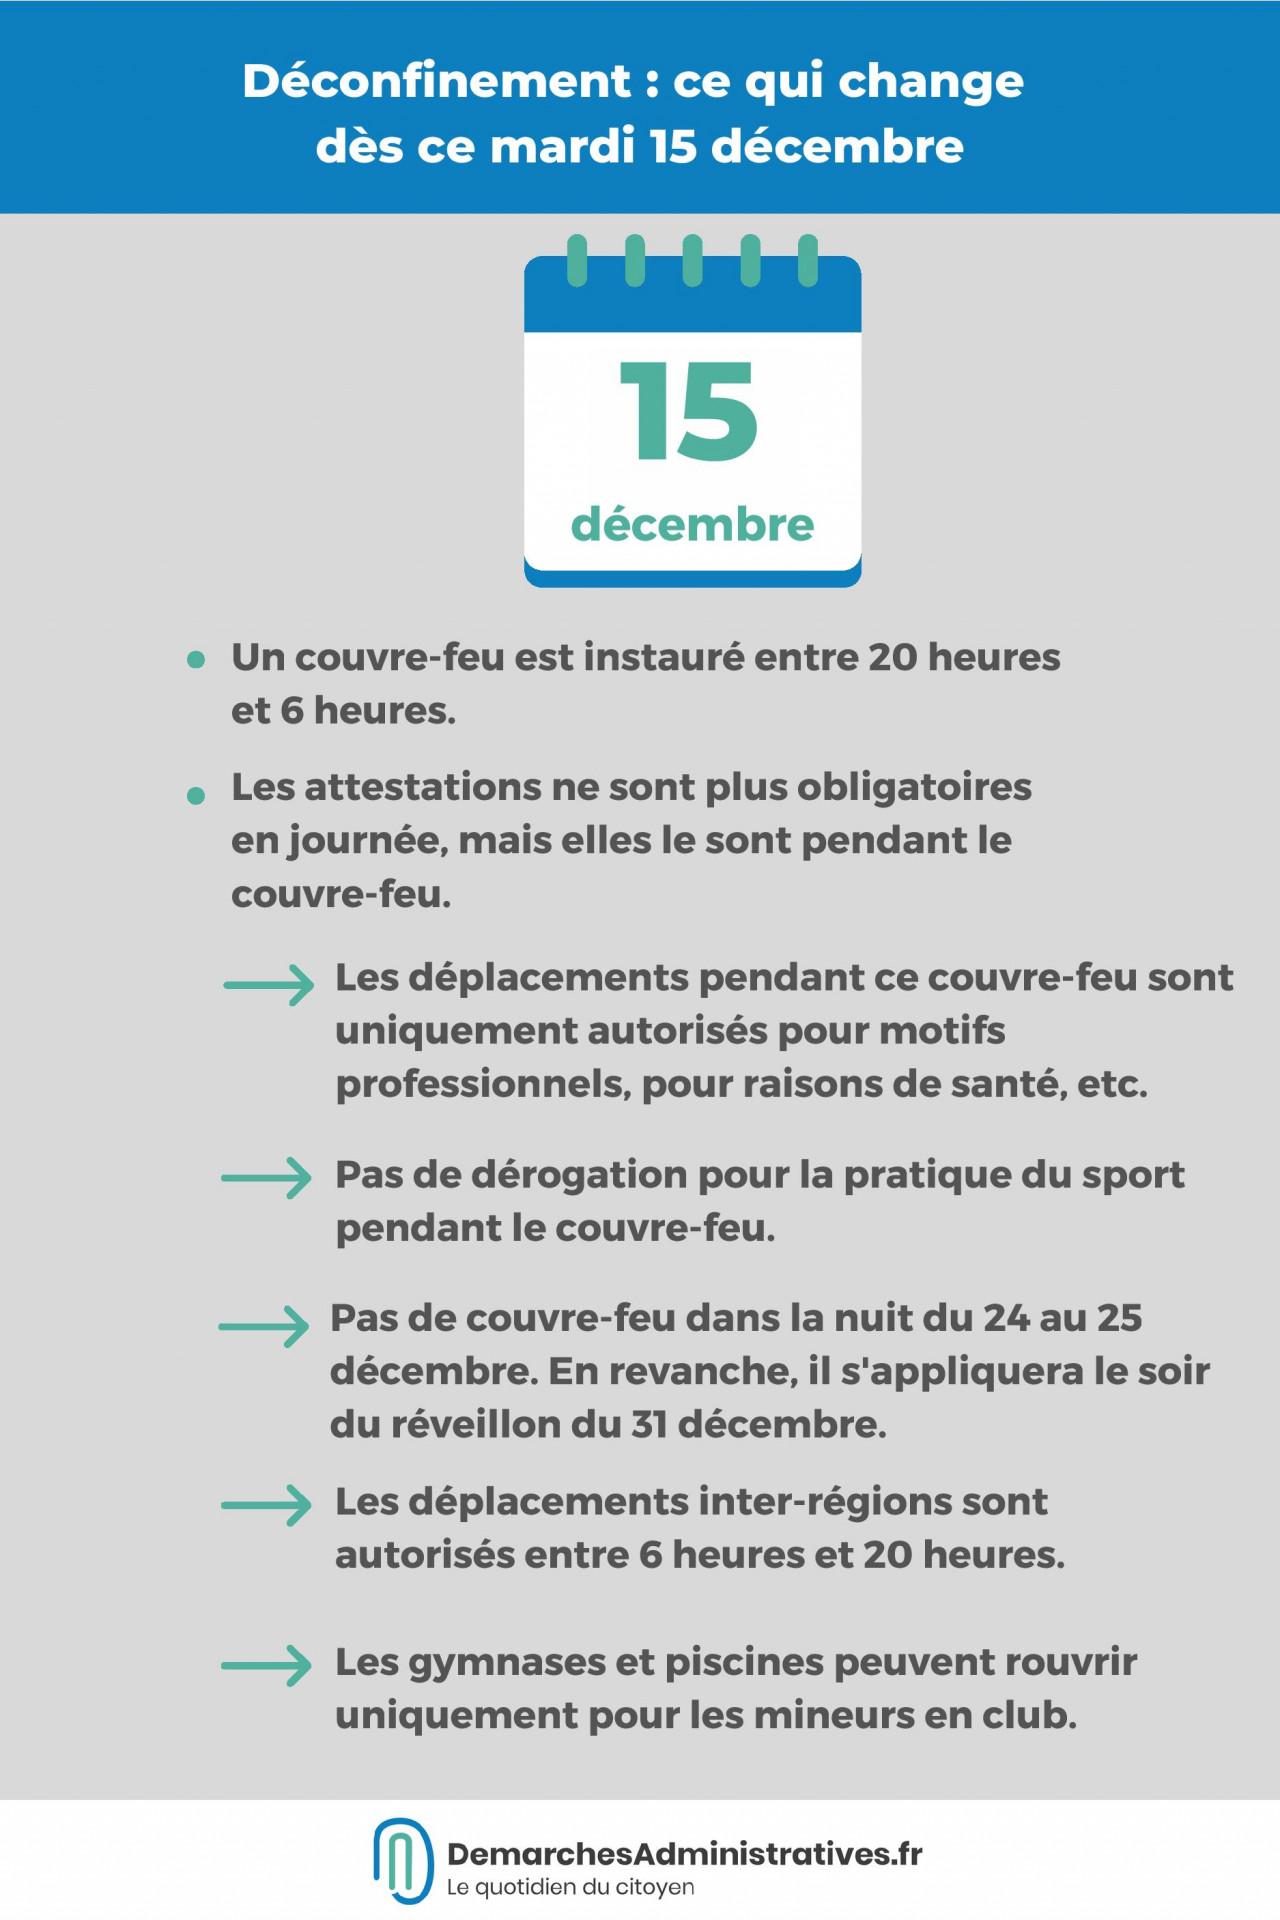 Deuxième étape du déconfinement : c'est pour ce 15 décembre